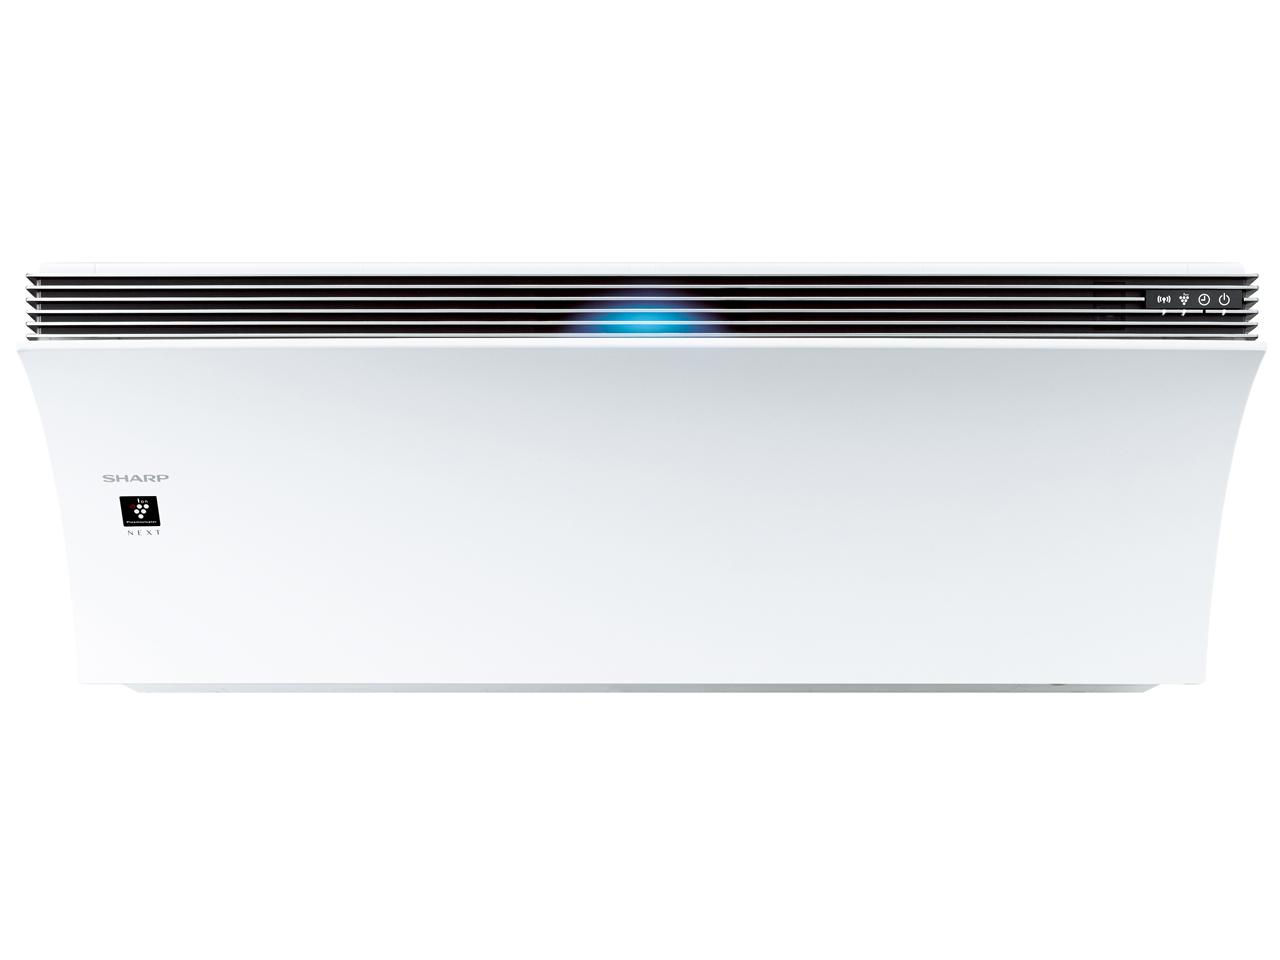 シャープ 20年度モデルPシリーズ プラズマクラスターNEXT搭載 AY-L28P-W 冷暖房タイプ10畳用エアコン